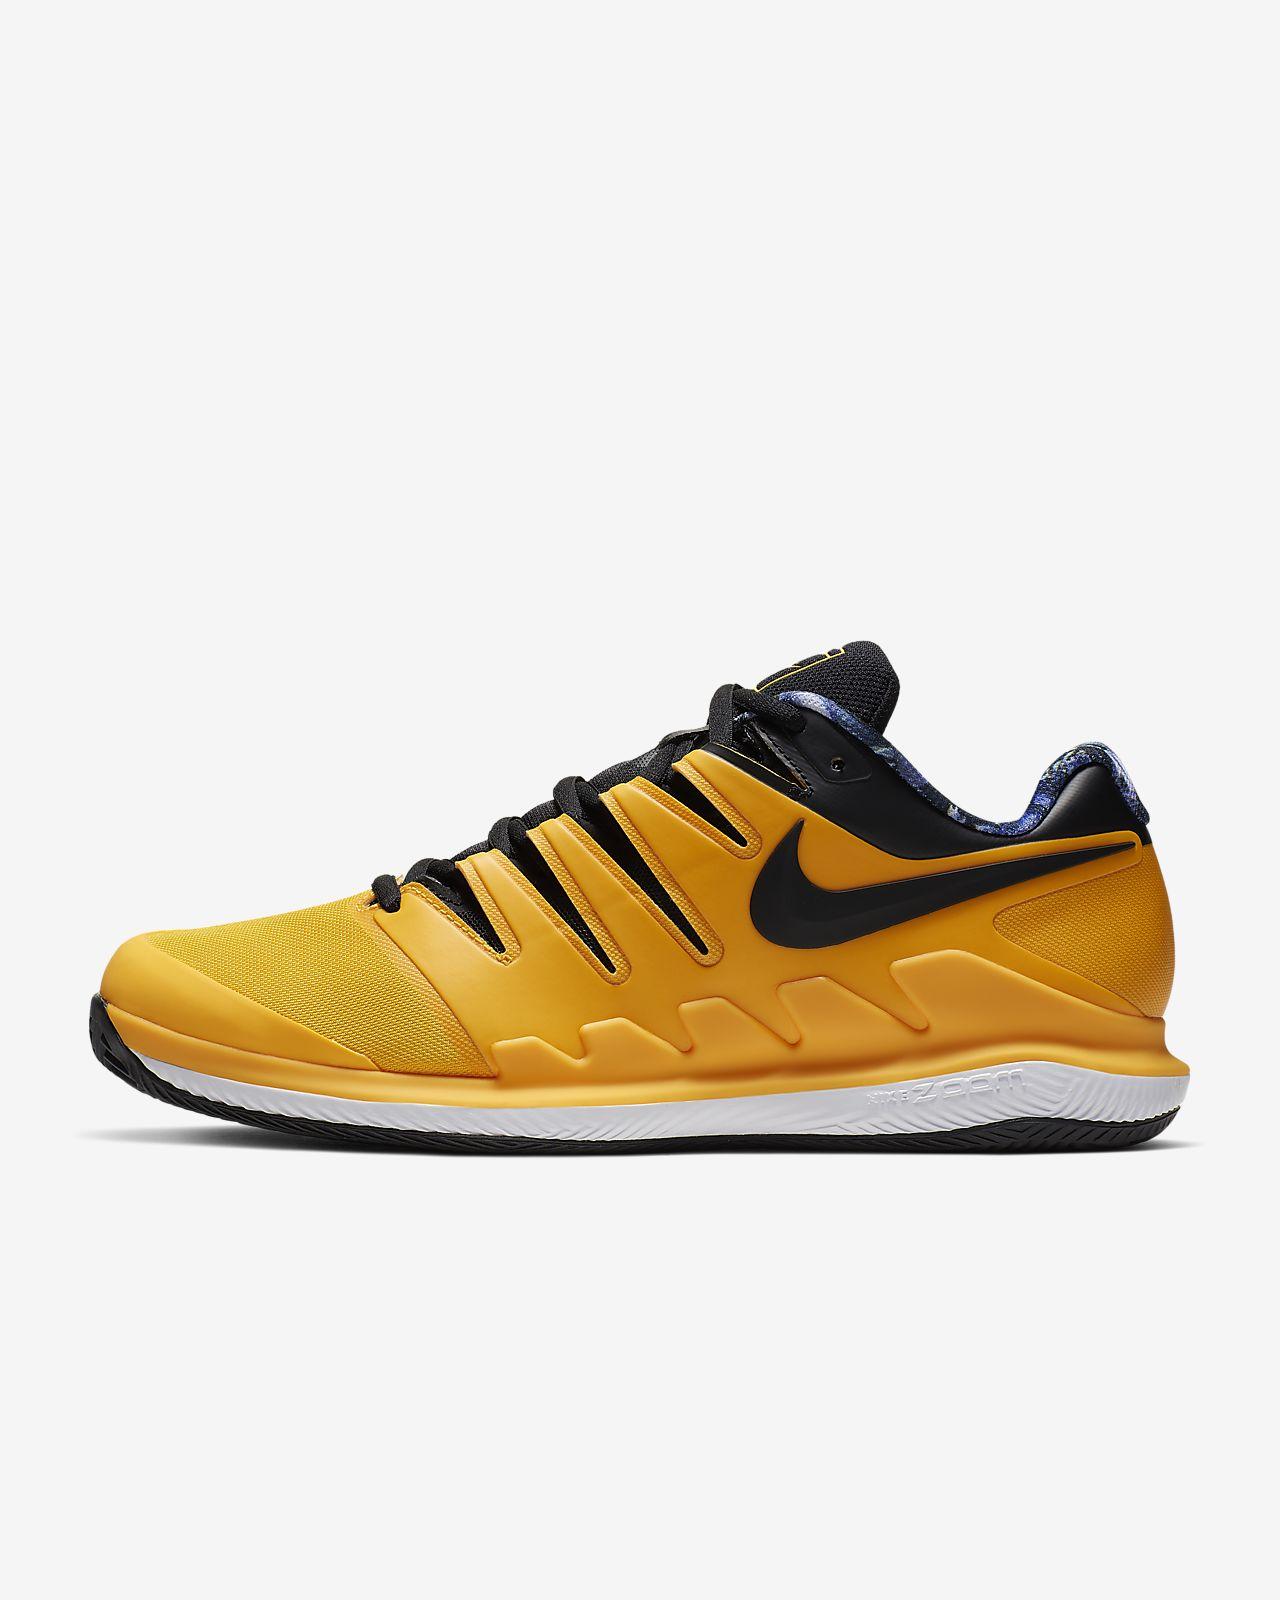 e4fe30fd35 NikeCourt Air Zoom Vapor X Men's Clay Tennis Shoe. Nike.com CH